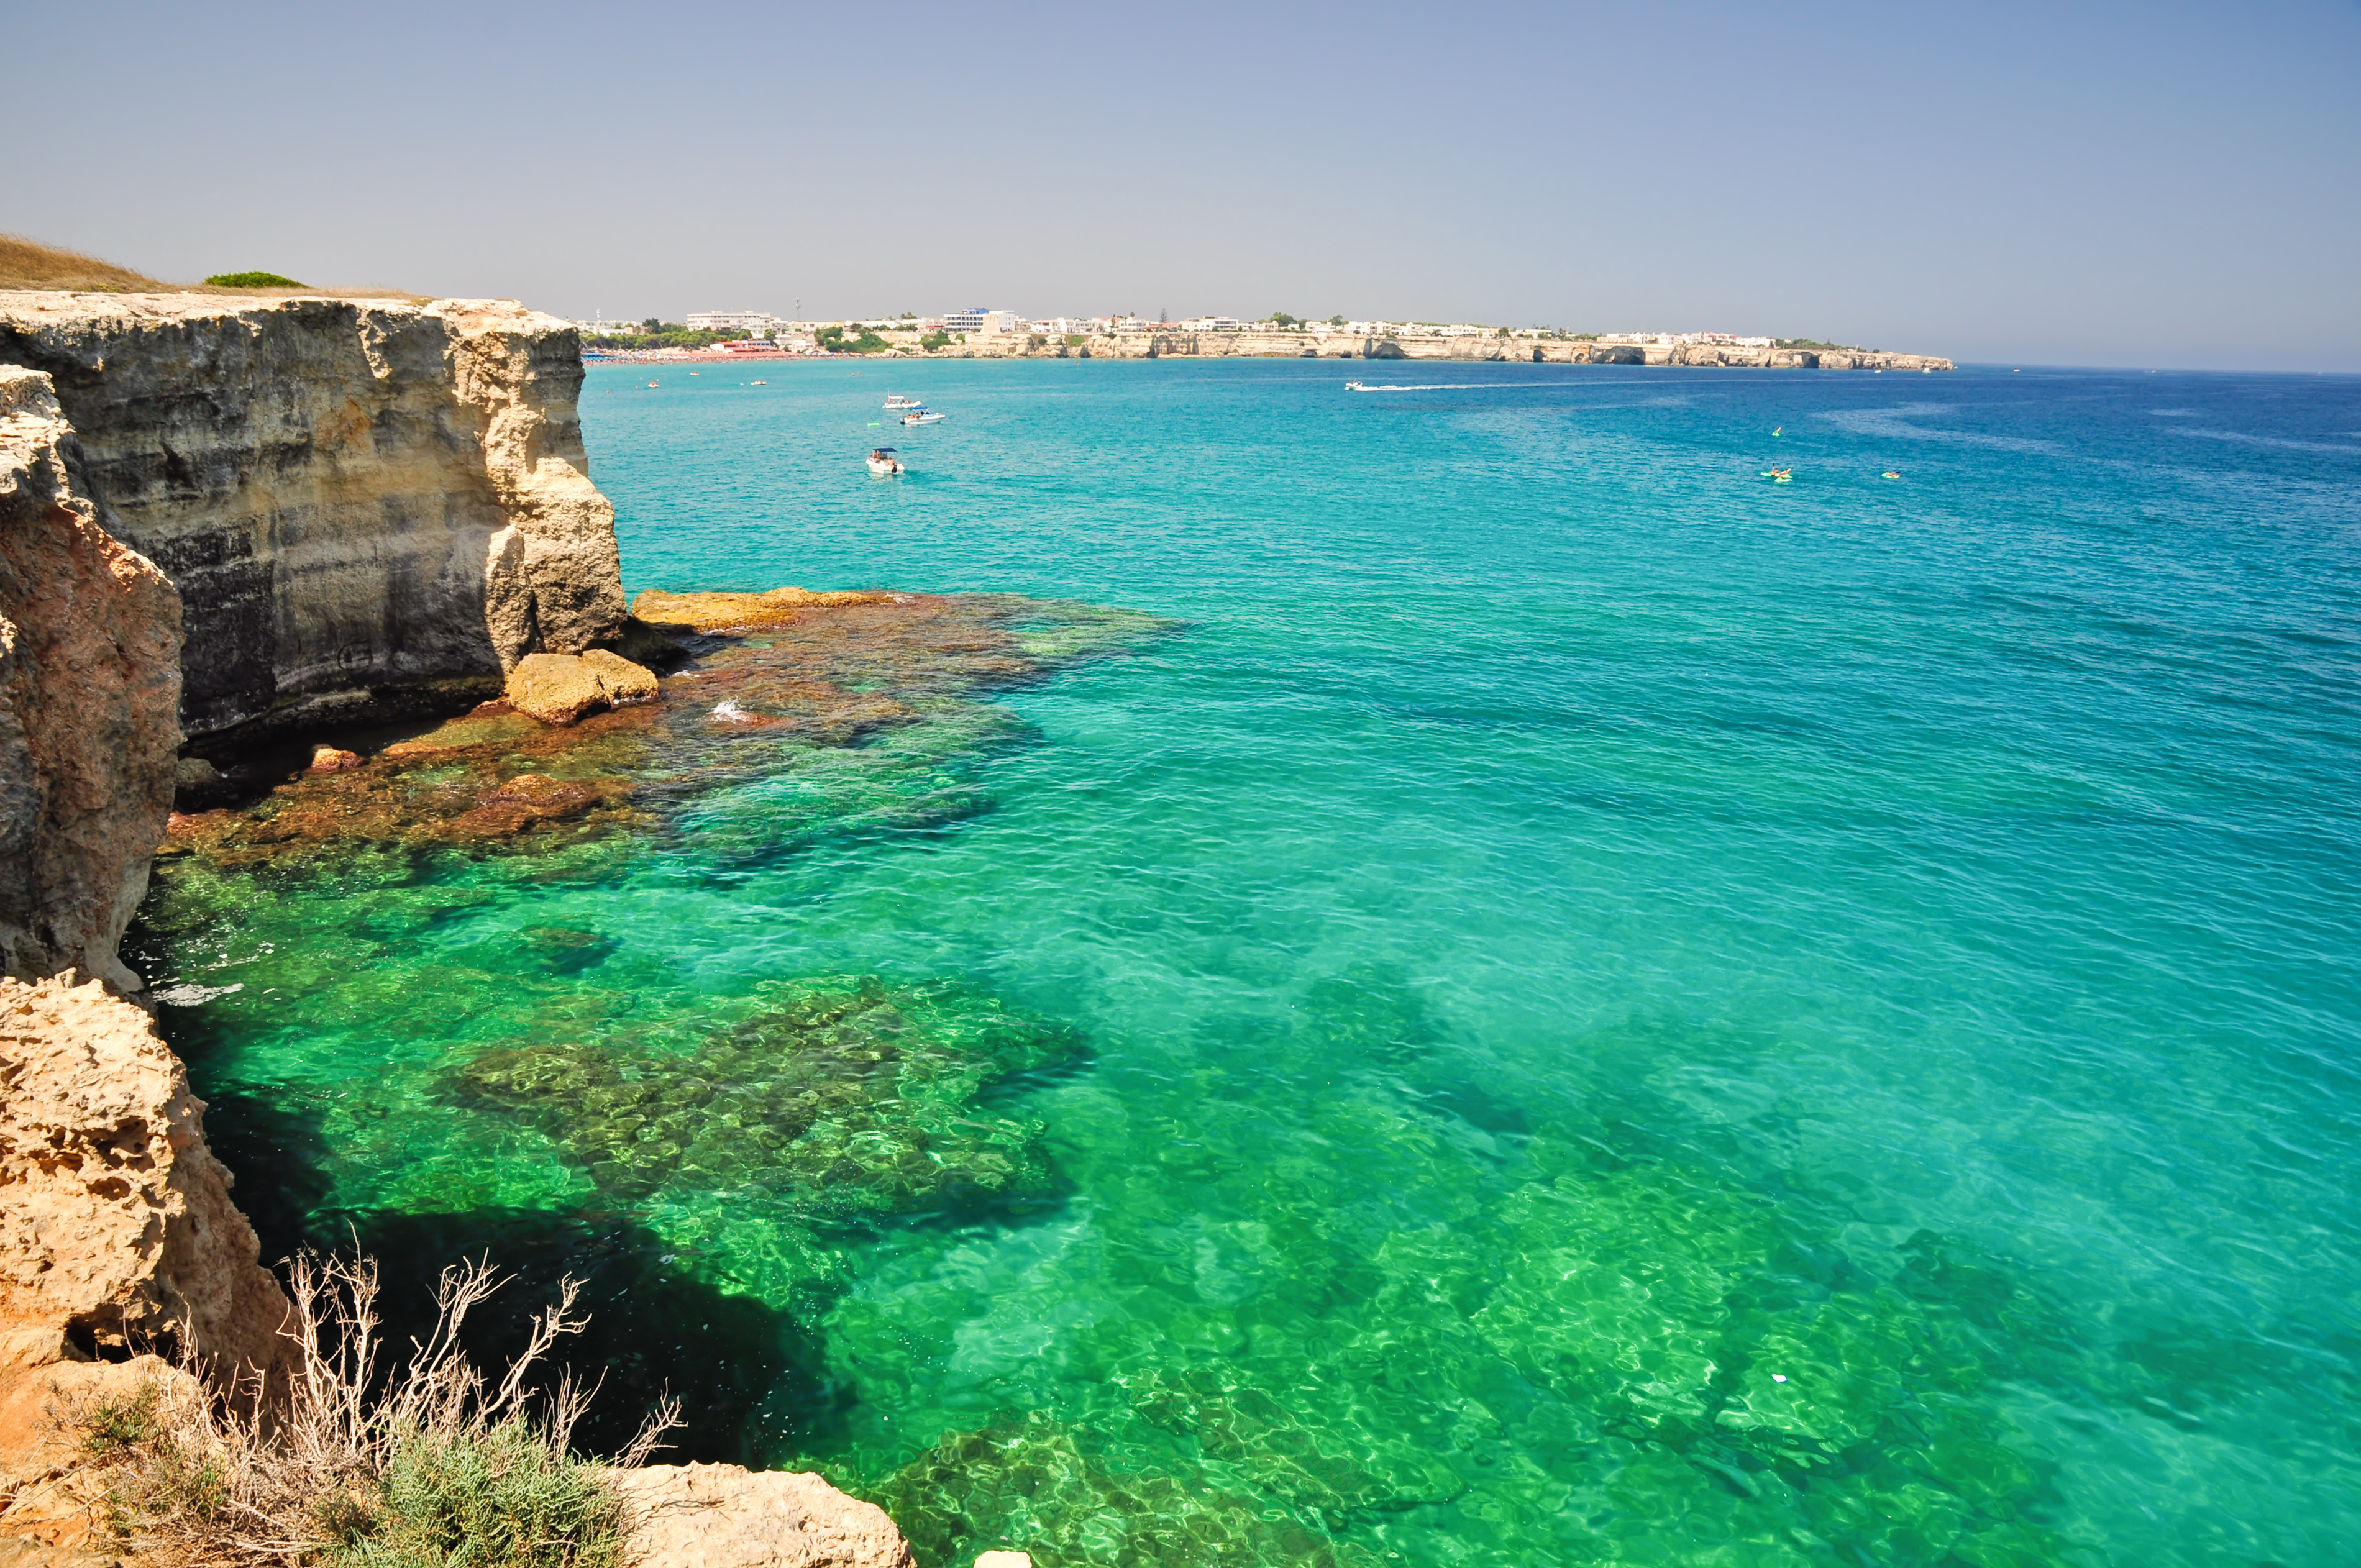 Vacanze a gallipoli tra divertimento e mare cristallino - La finestra sul mare gallipoli ...